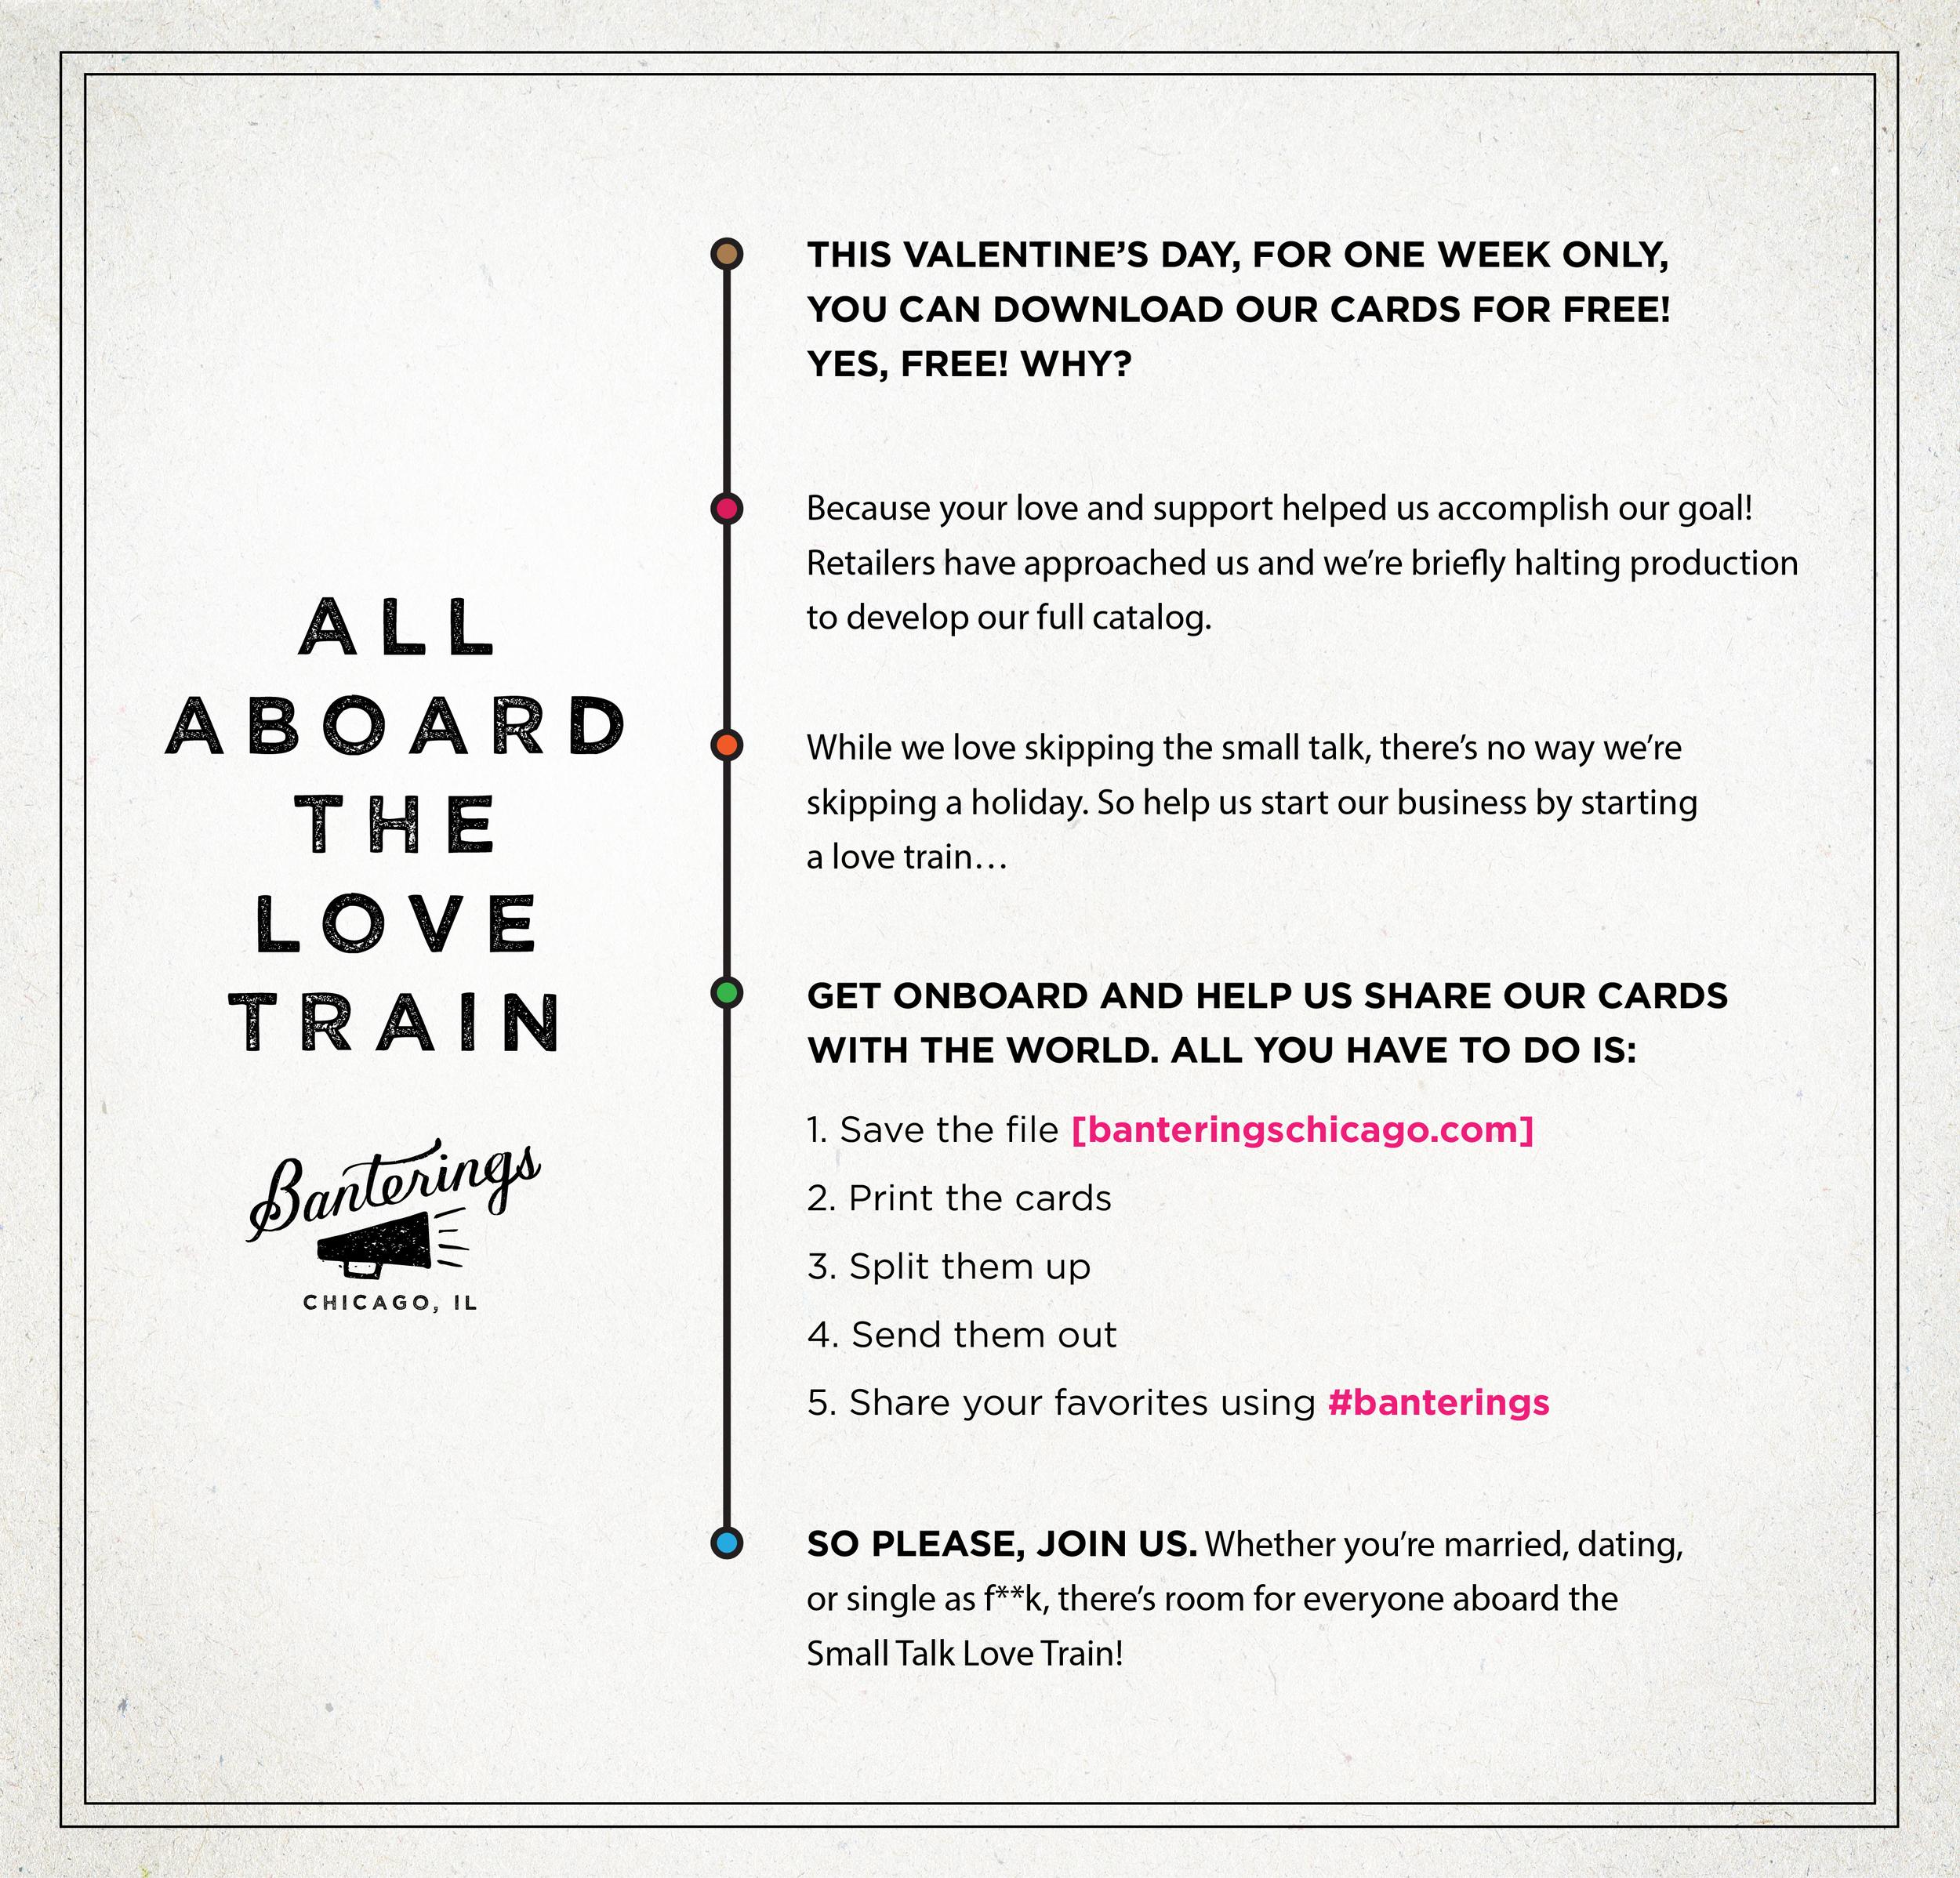 AllAboard_FB_v2-04.jpg